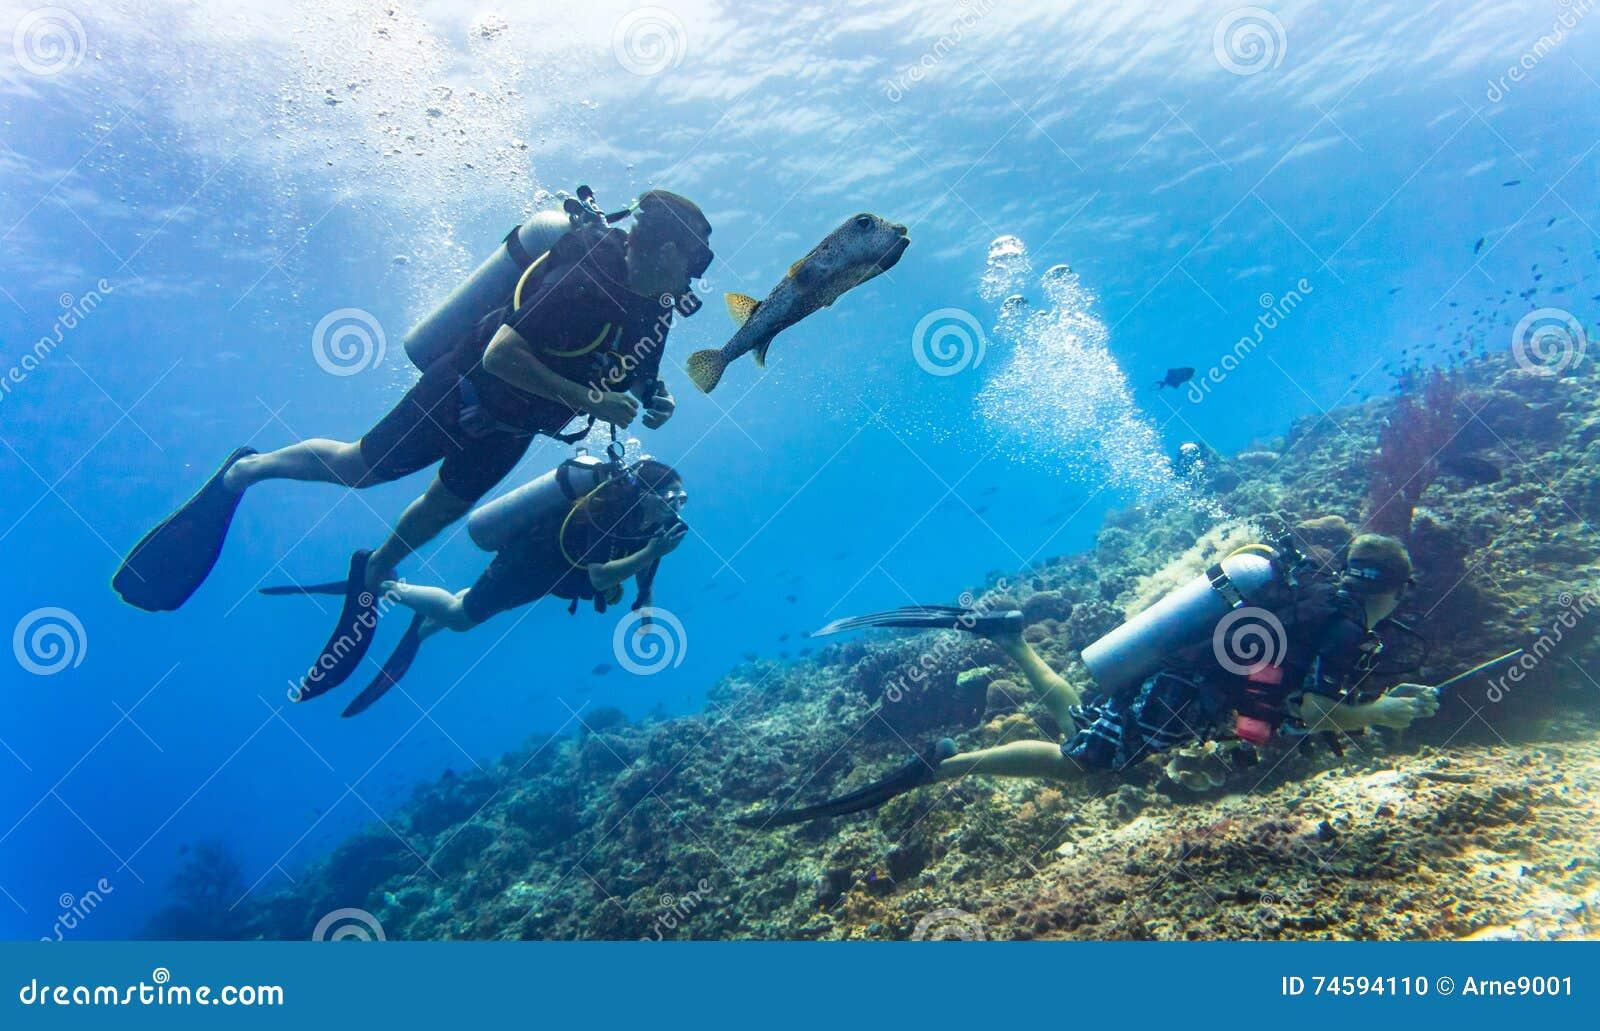 Blowfish begeleidt groep toeristenvrij duiken bij koraal ree